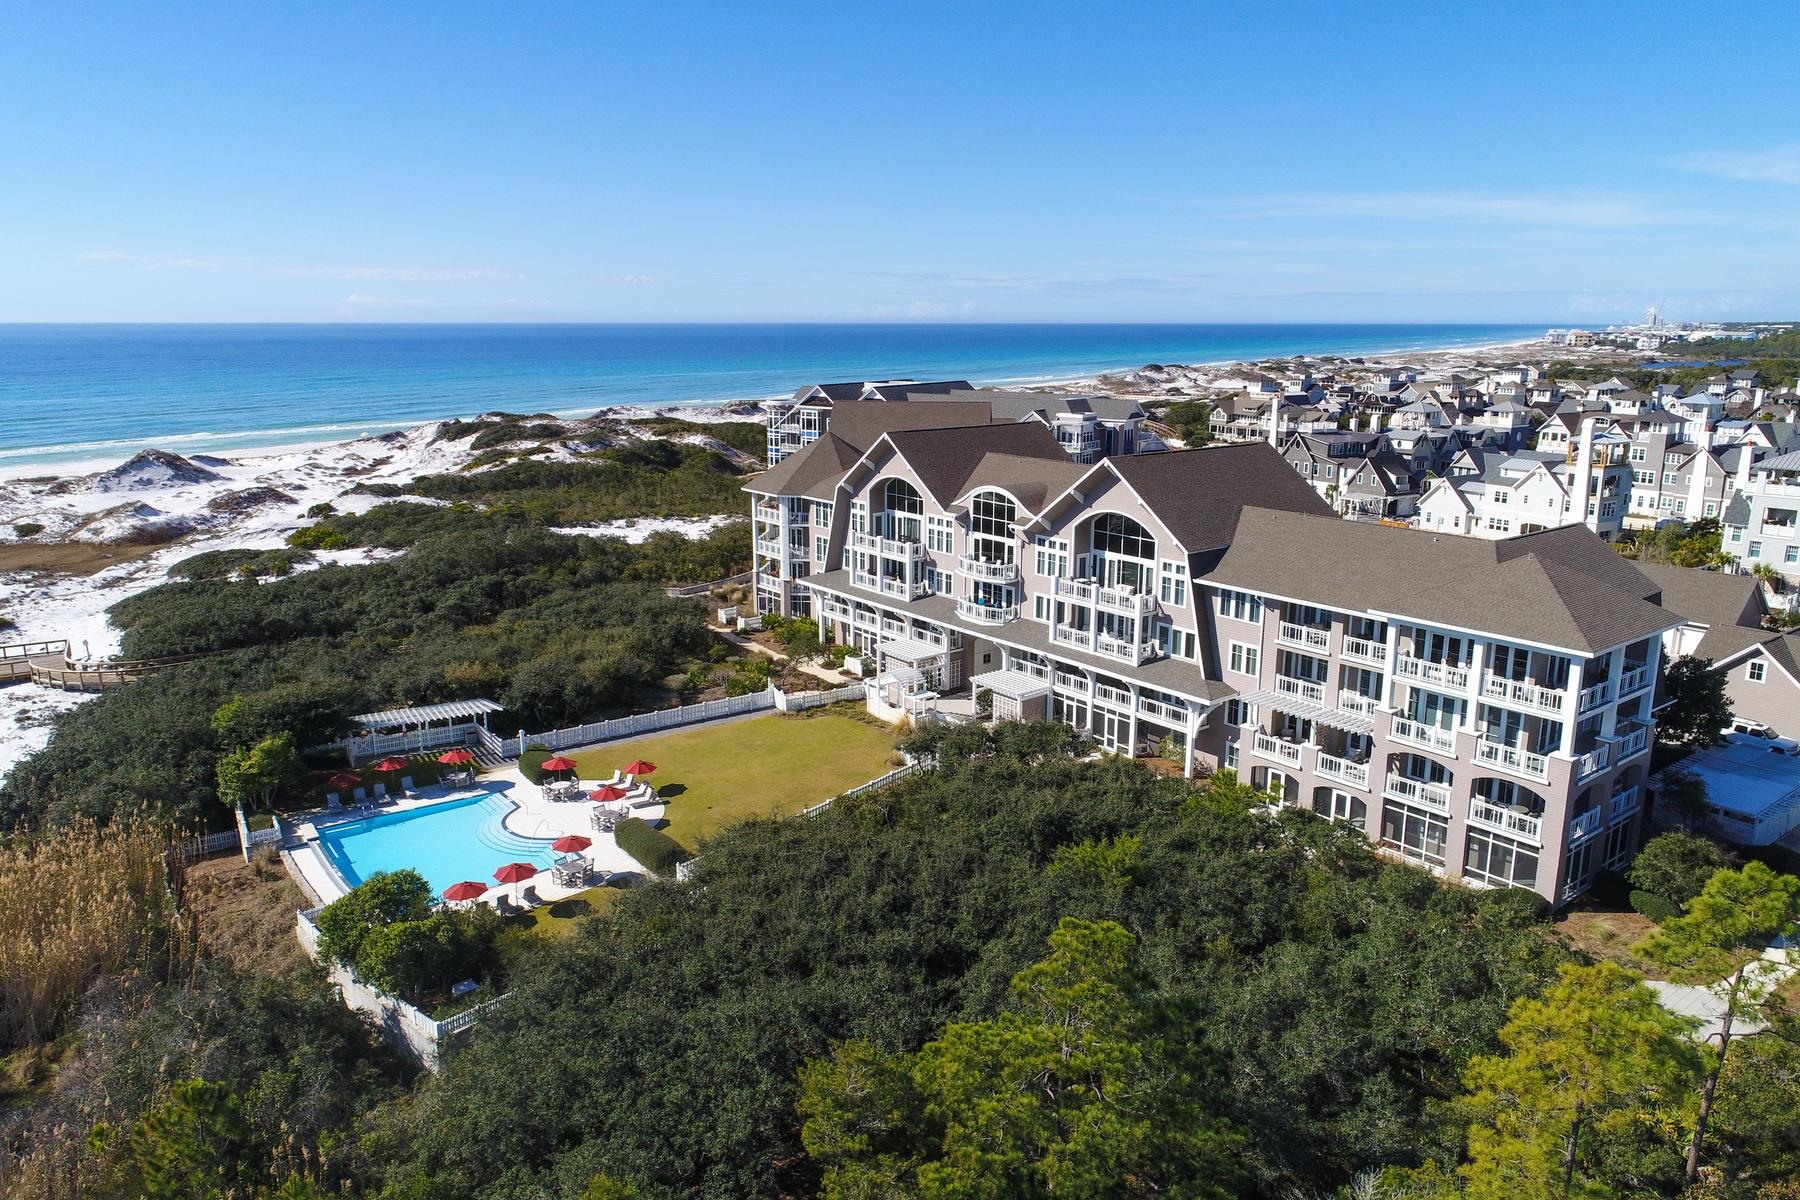 共管式独立产权公寓 为 销售 在 TOP FLOOR PENTHOUSE STYLE UNIT WITH EXPANSIVE GULF VIEWS 37 Compass Point Way 421 Watersound, 佛罗里达州, 32461 美国